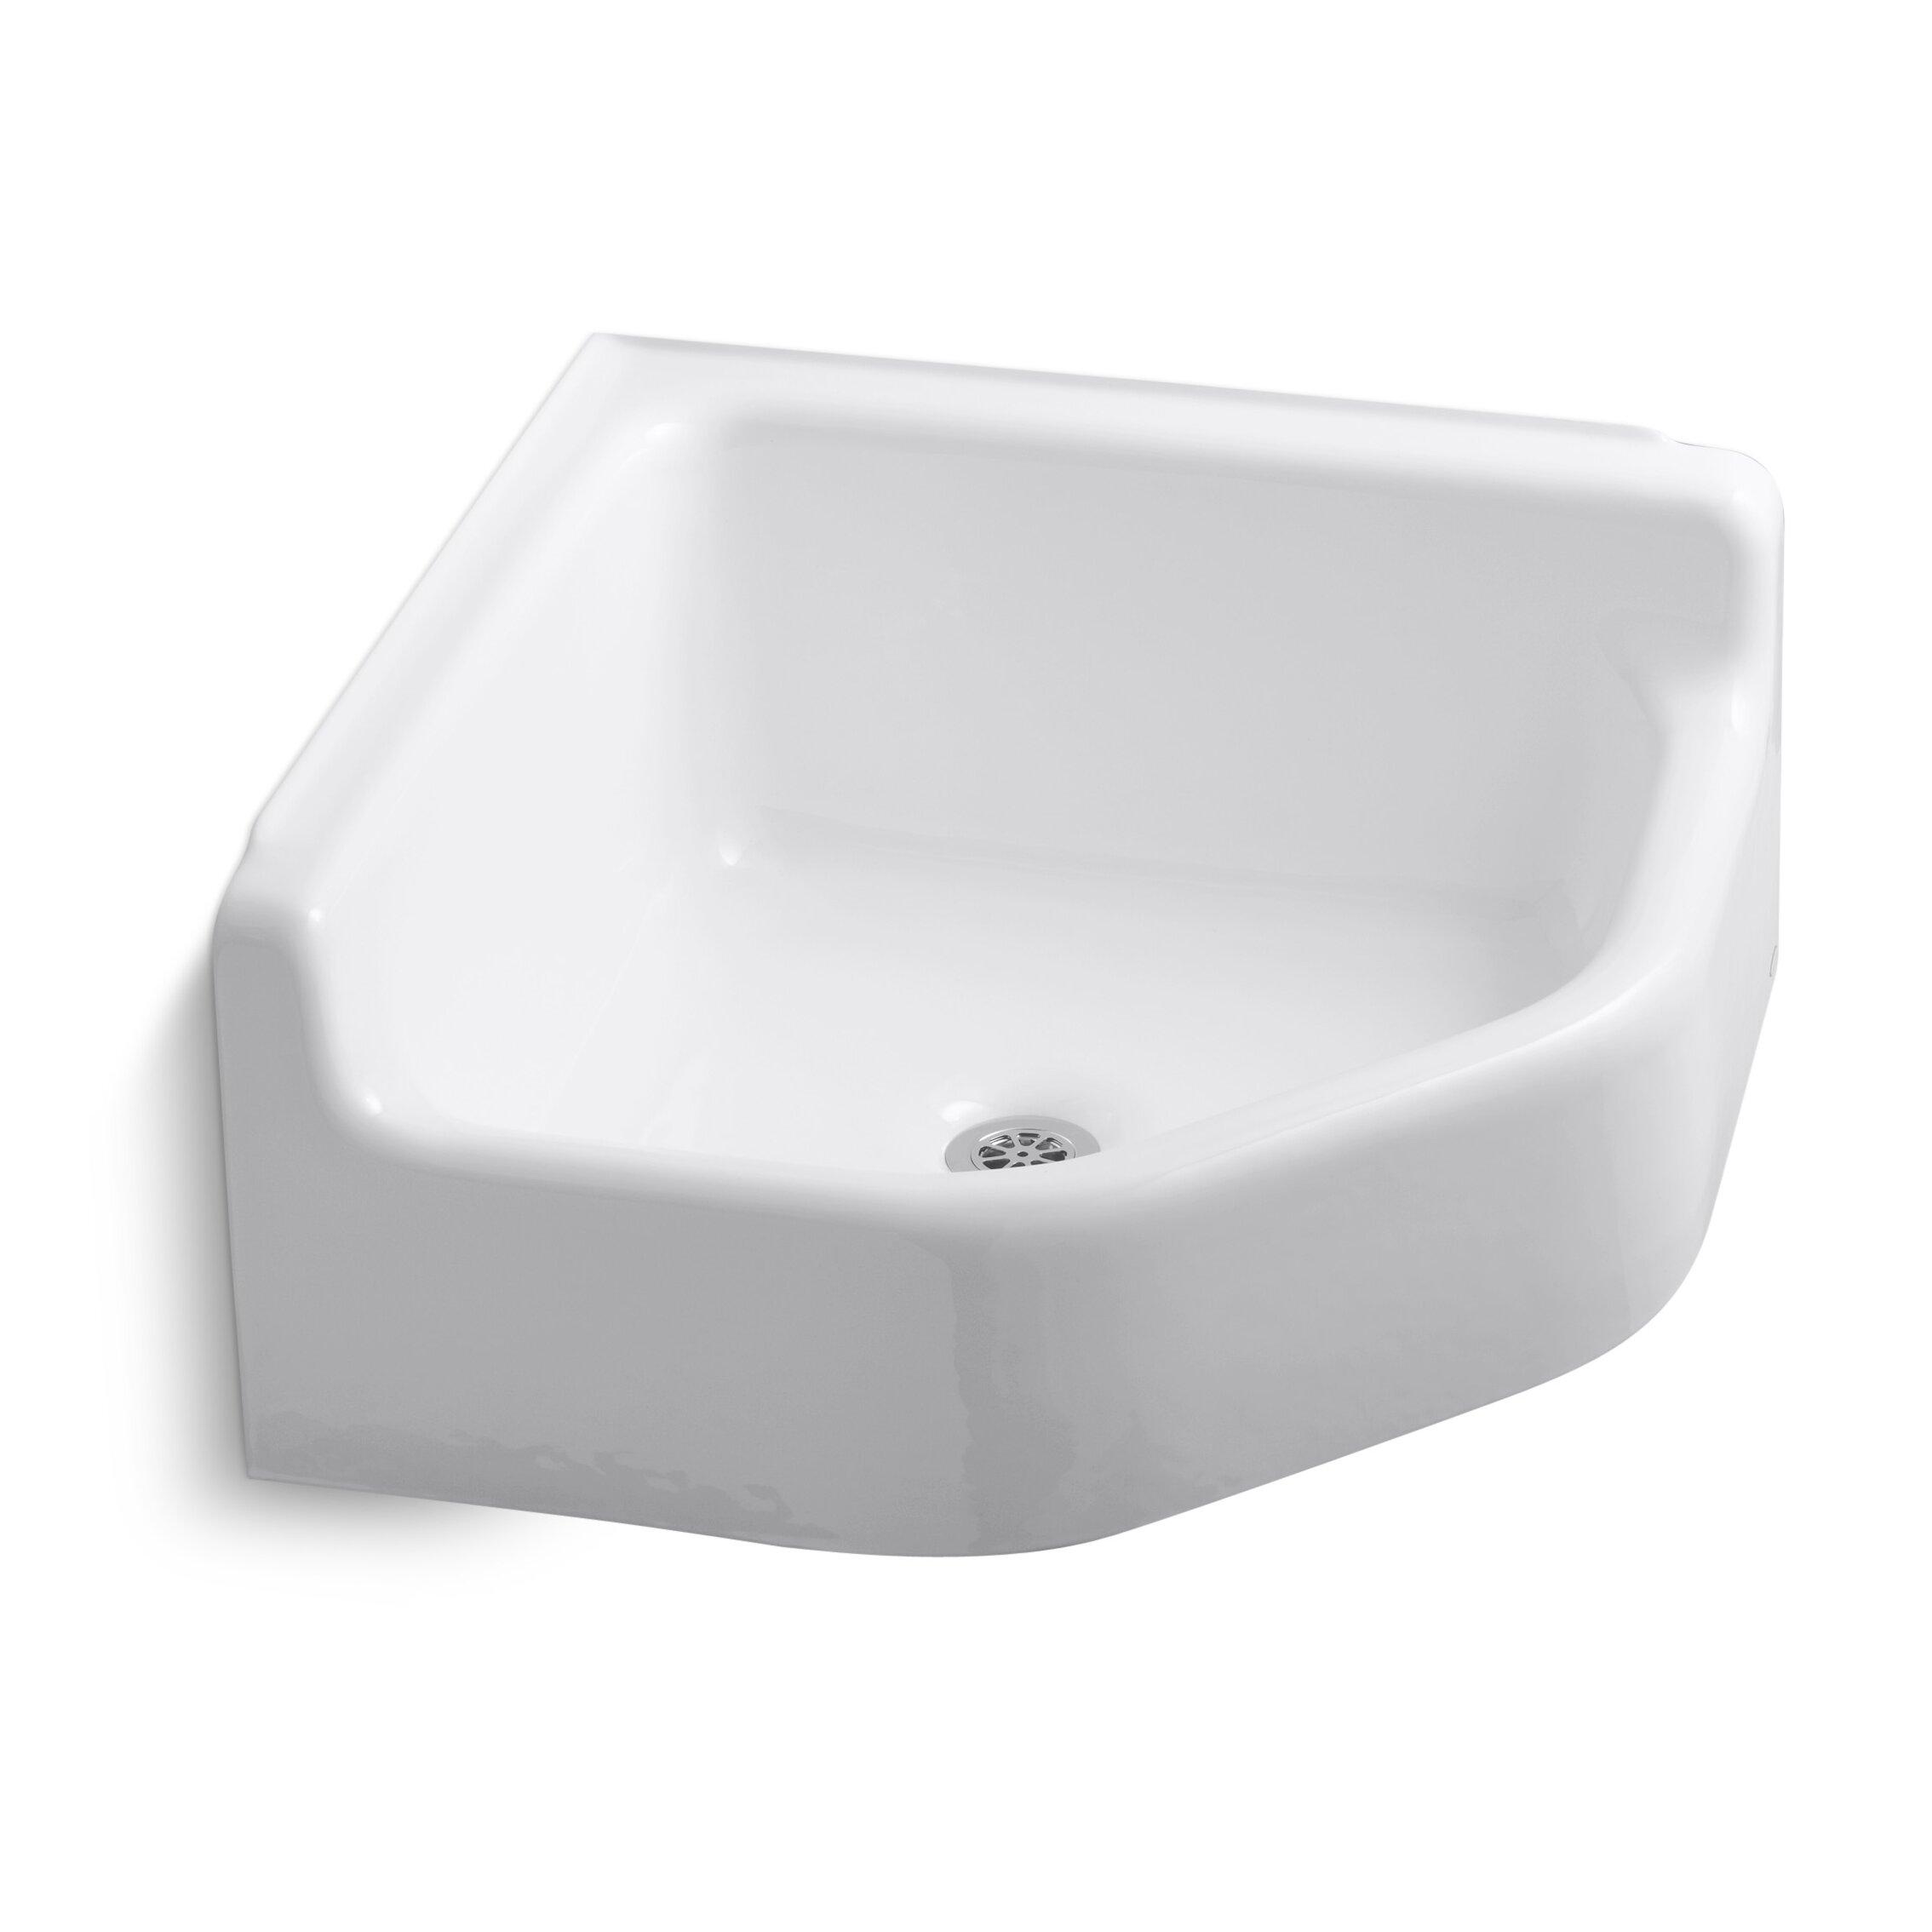 Kohler Corner Sink : Kohler Whitby 28